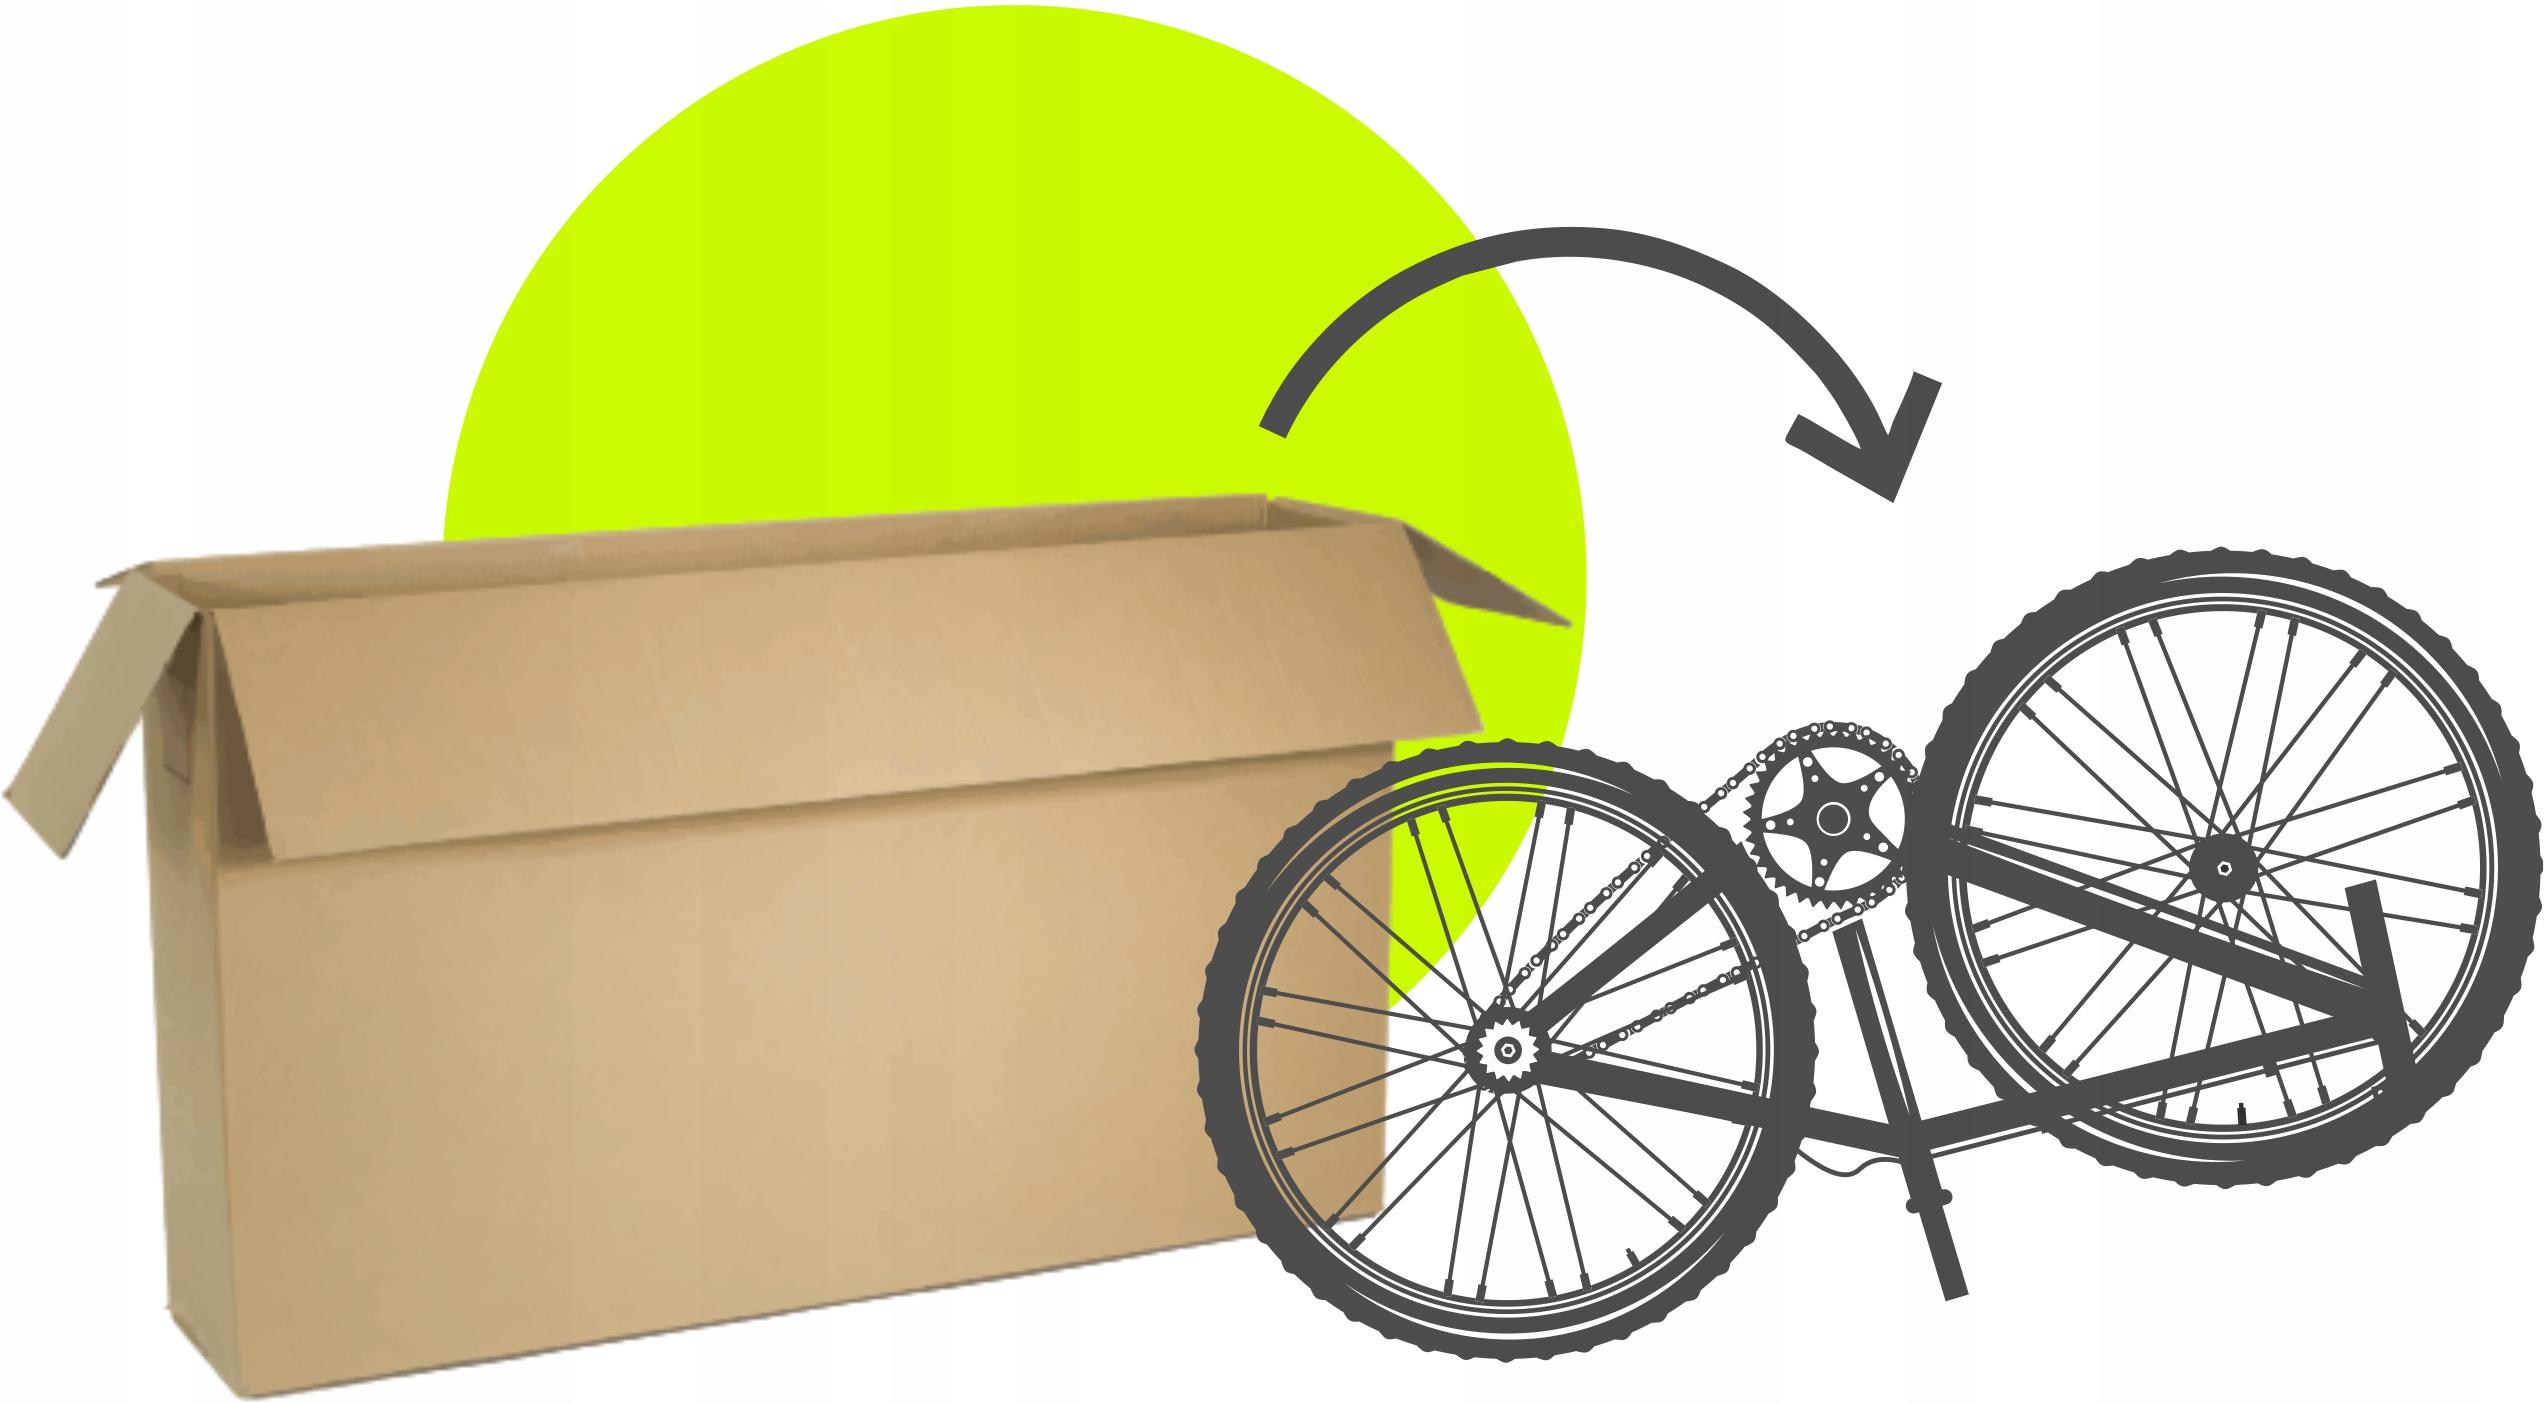 Pánsky mestský bicykel 28 Alpina, 6 rýchlostí, ľahký pohlavie, muž